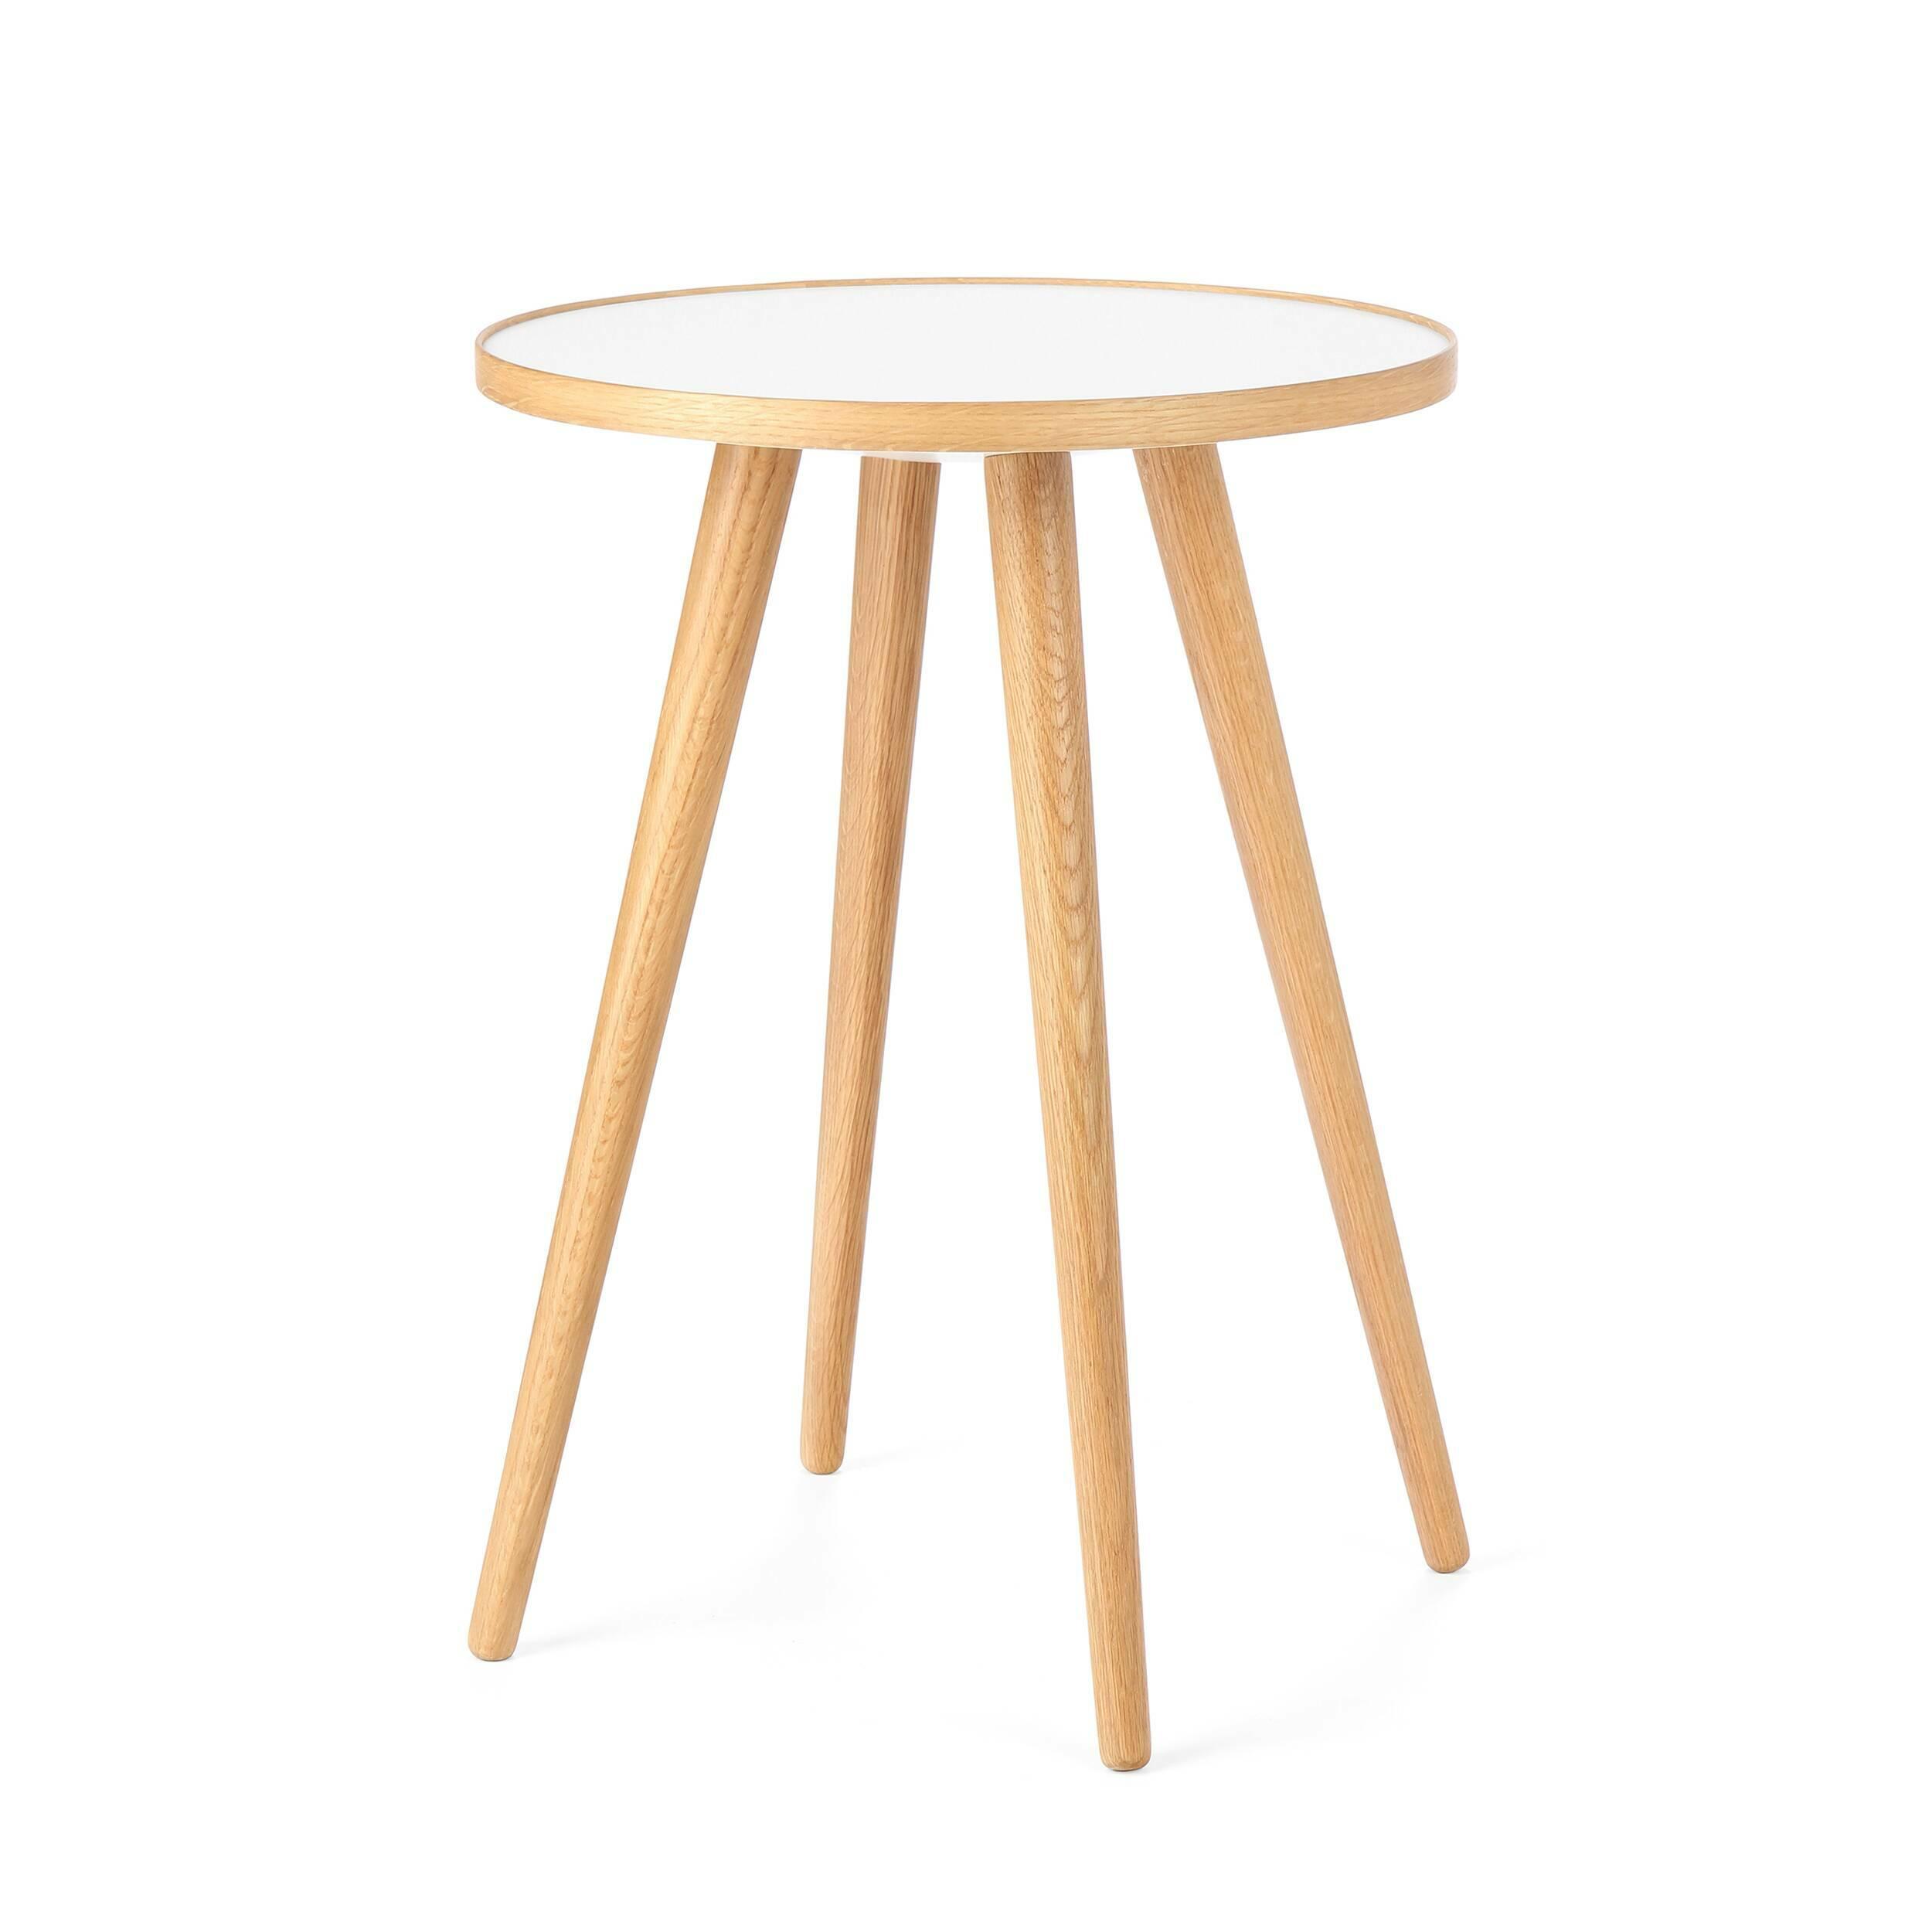 Кофейный стол Sputnik высота 55 диаметр 41Кофейные столики<br>Дизайнерский кофейный стол Sputnik (Спутник) (высота 55 диаметр 41) с пластиковой столешницей на четырех ножках от Cosmo (Космо).<br><br><br> Кофейный стол Sputnik высота 55 диаметр 41 имеет четыре длинные устойчивые ножки и небольшую круглую столешницу. Его разработал американский дизайнер и архитектор мирового уровня Шон Дикс. Столик сделан из качественной древесины американского ореха, что делает его достаточно прочным  и долговечным. Столешница  покрыта меламином, благодаря чему устойчива к н...<br><br>stock: 3<br>Высота: 55<br>Диаметр: 40,6<br>Цвет ножек: Светло-коричневый<br>Цвет столешницы: Белый<br>Материал ножек: Массив дуба<br>Тип материала столешницы: Пластик<br>Тип материала ножек: Дерево